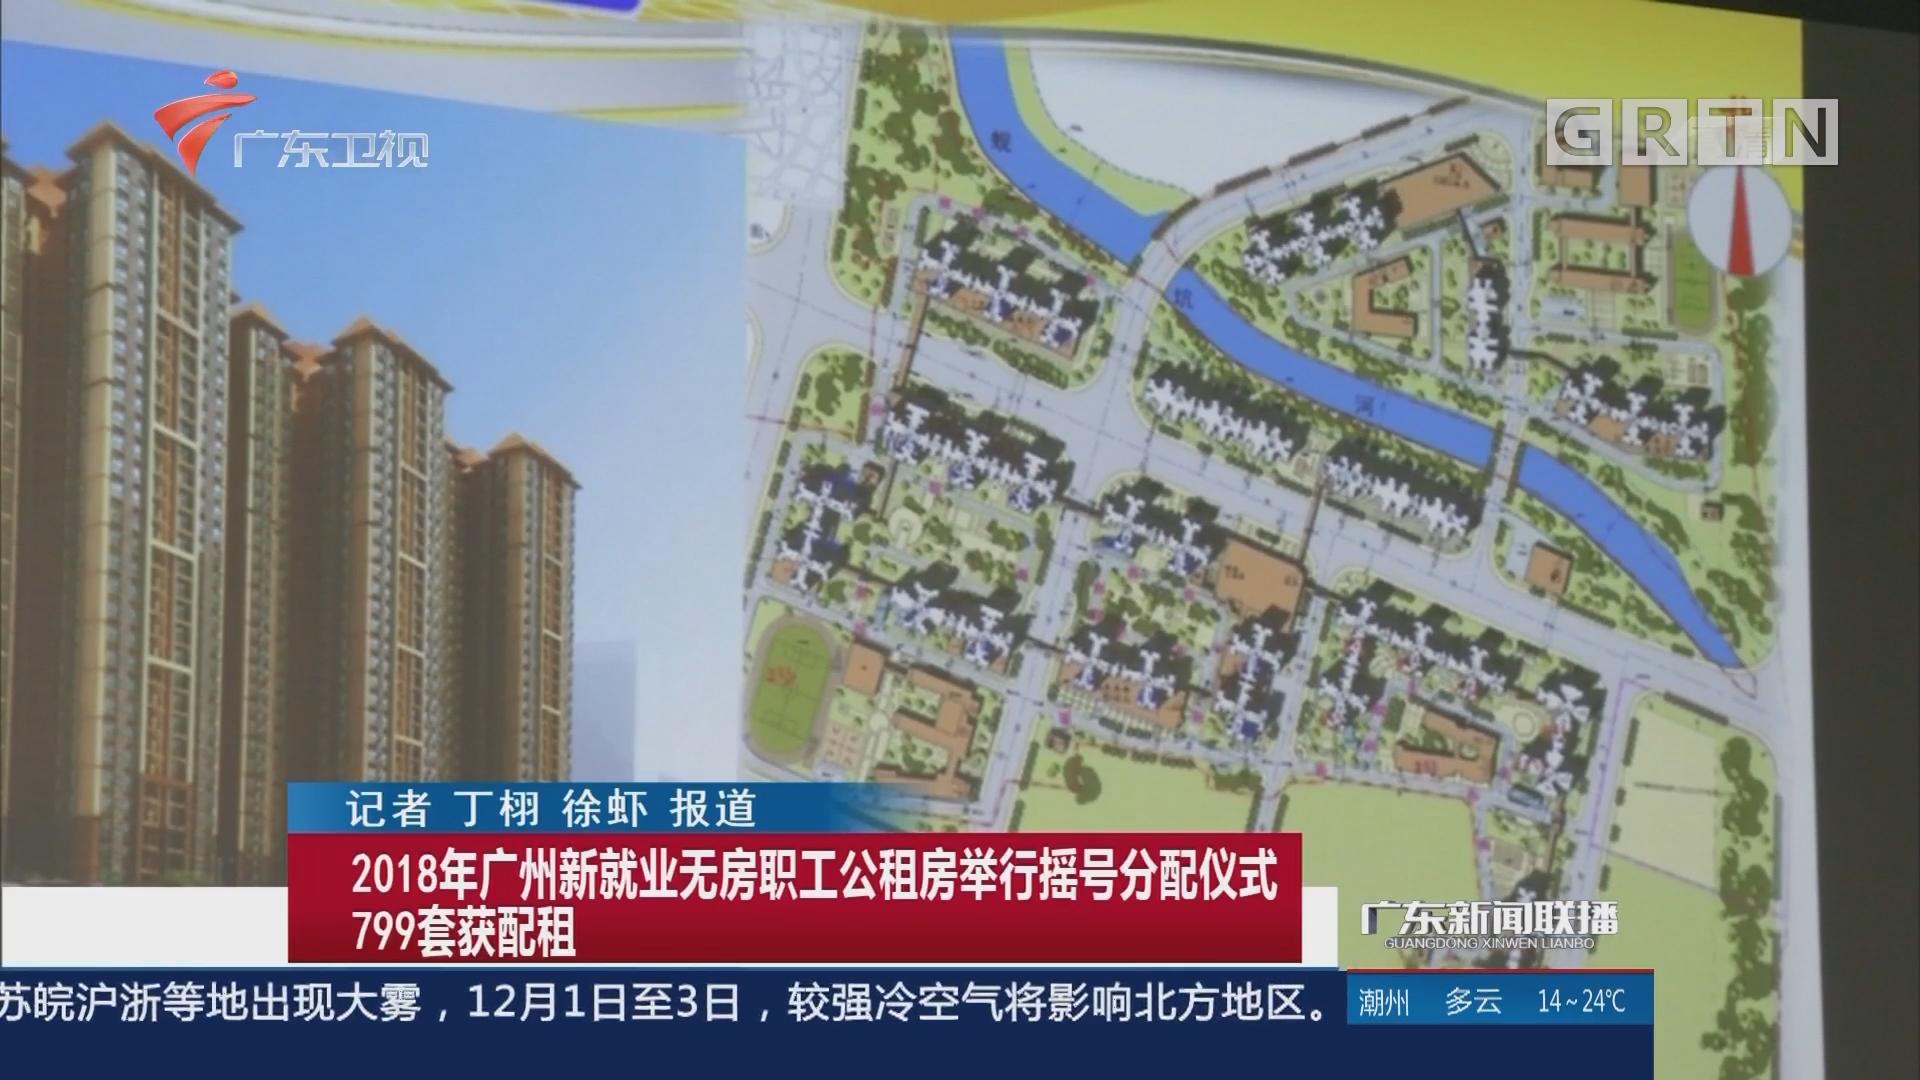 2018年广州新就业无房职工公租房举行摇号分配仪式 799套获配租